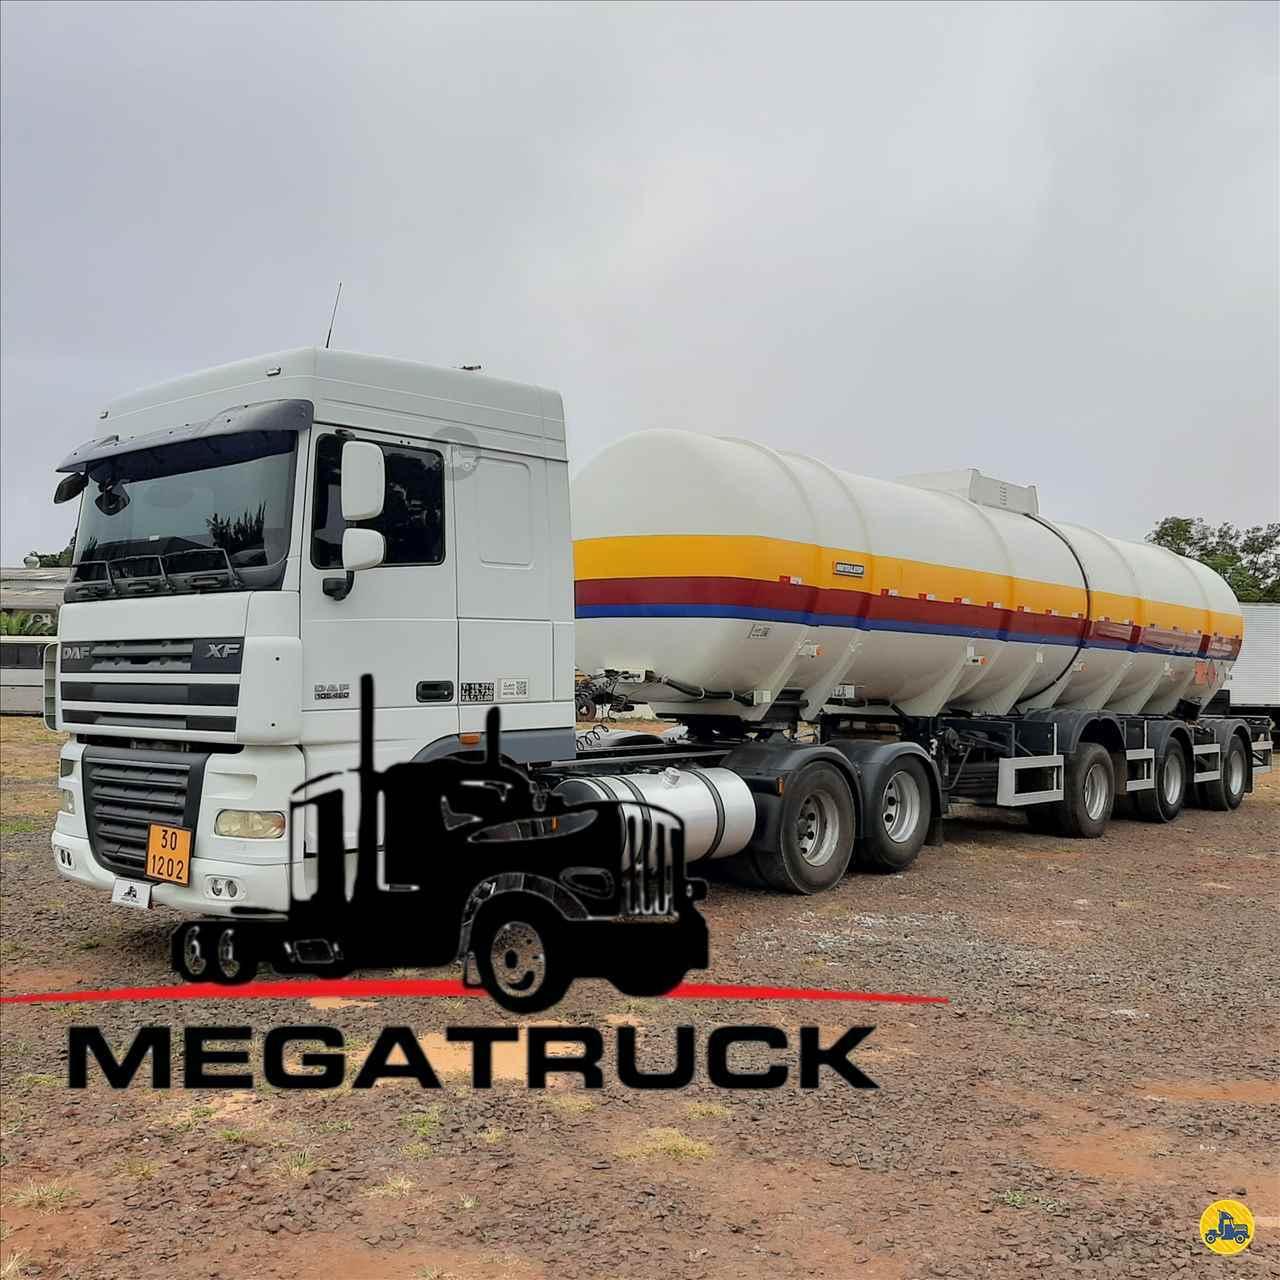 CAMINHAO DAF DAF XF105 460 Cavalo Mecânico Truck 6x2 Megatruck Caminhões e Máquinas CAMPO GRANDE MATO GROSSO DO SUL MS